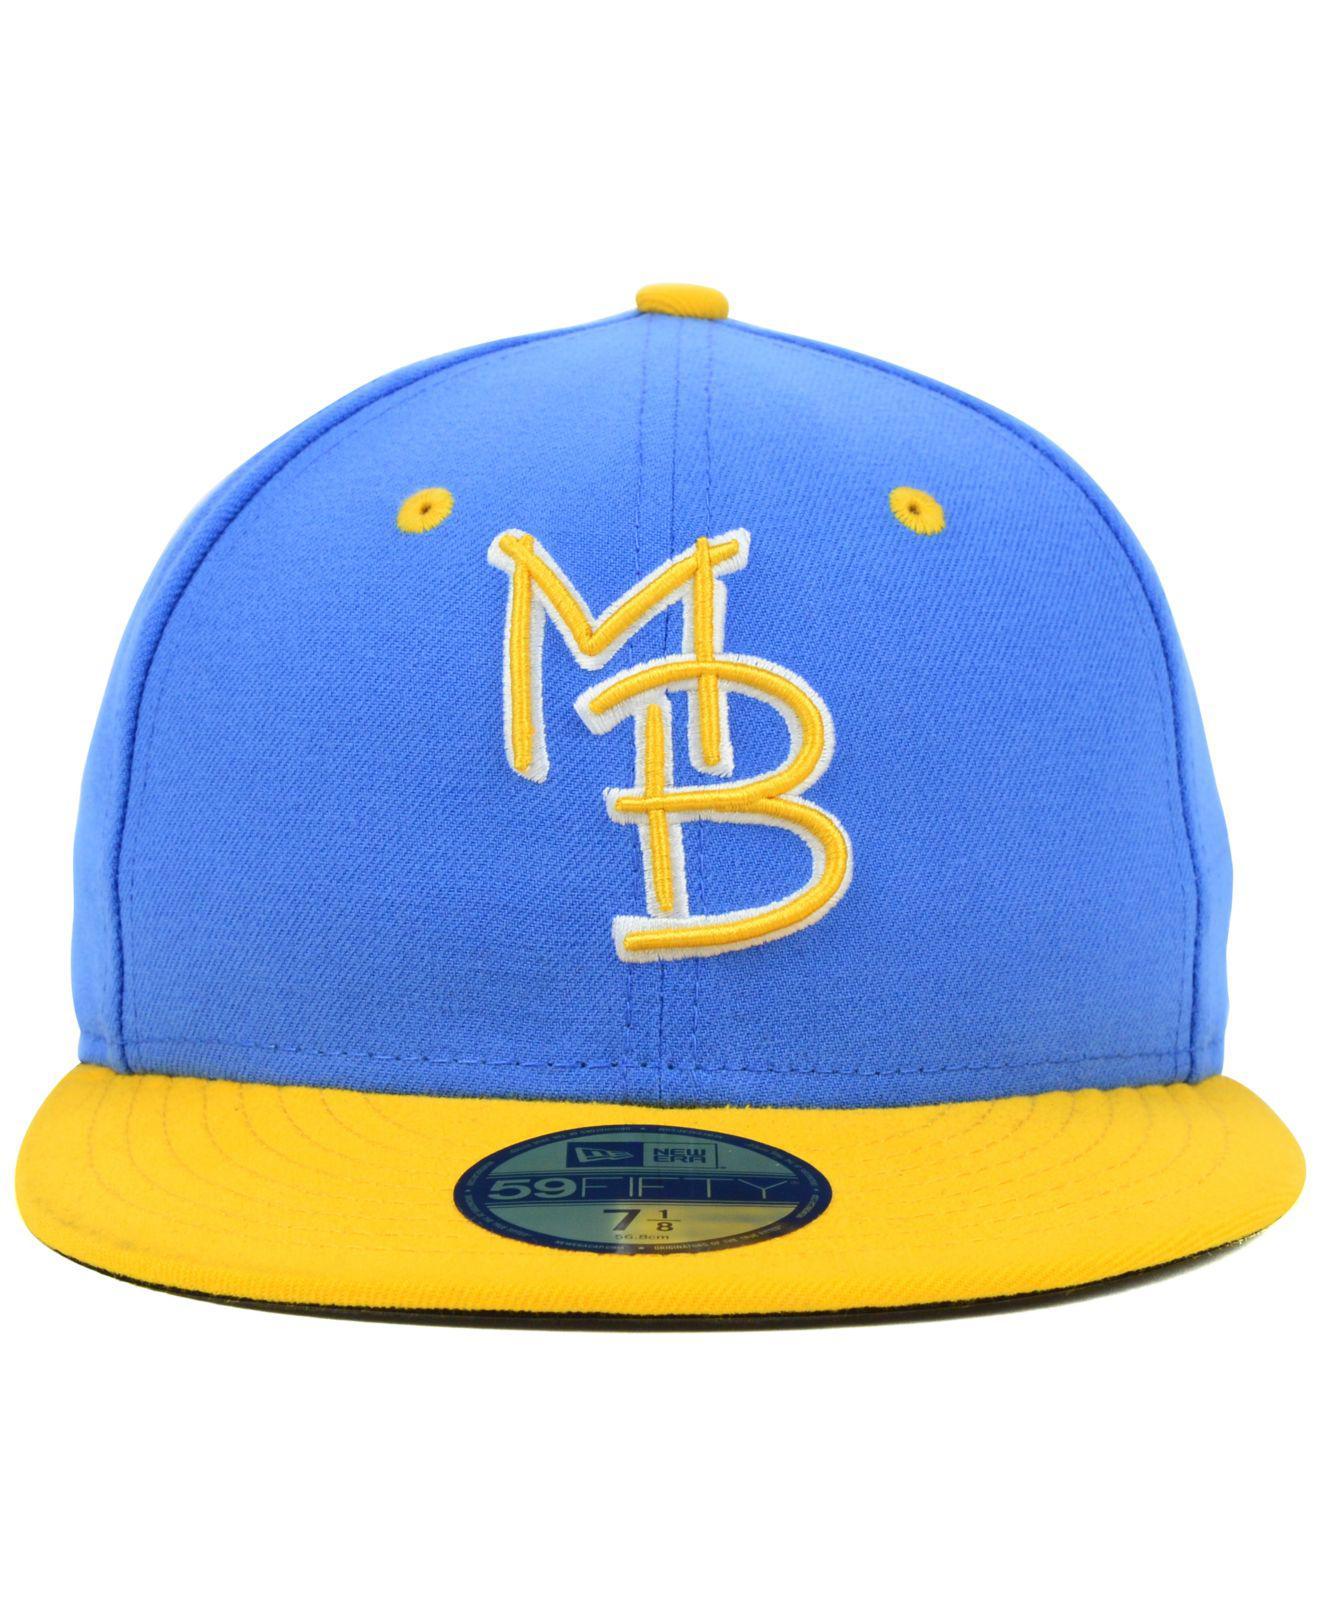 9d213855bbe KTZ - Metallic Myrtle Beach Pelicans 59fifty Cap for Men - Lyst. View  fullscreen